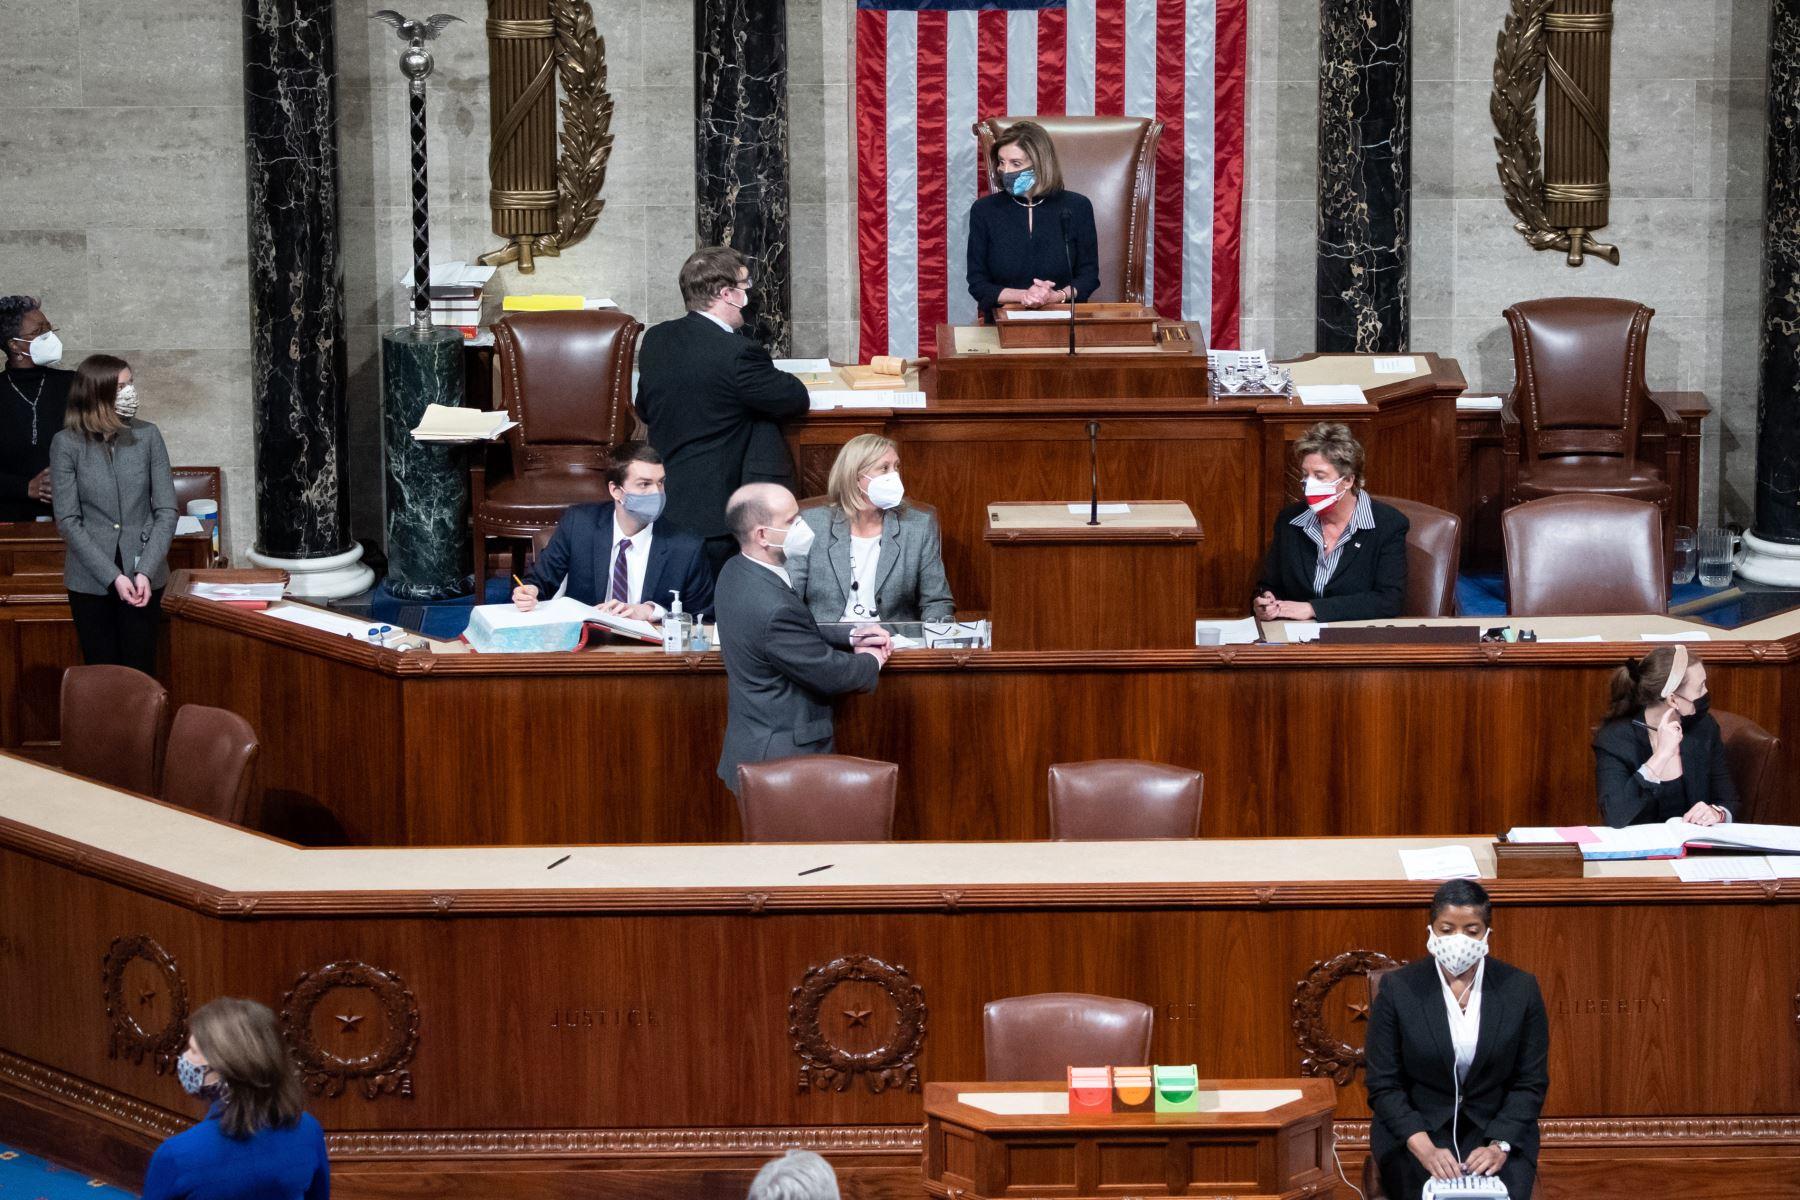 La presidenta de la Cámara de Representantes, Nancy Pelosi , preside la Cámara de Representantes al concluir la votación para acusar al presidente estadounidense Donald Trump en el Capitolio de los Estados Unidos en Washington, DC Foto : AFP